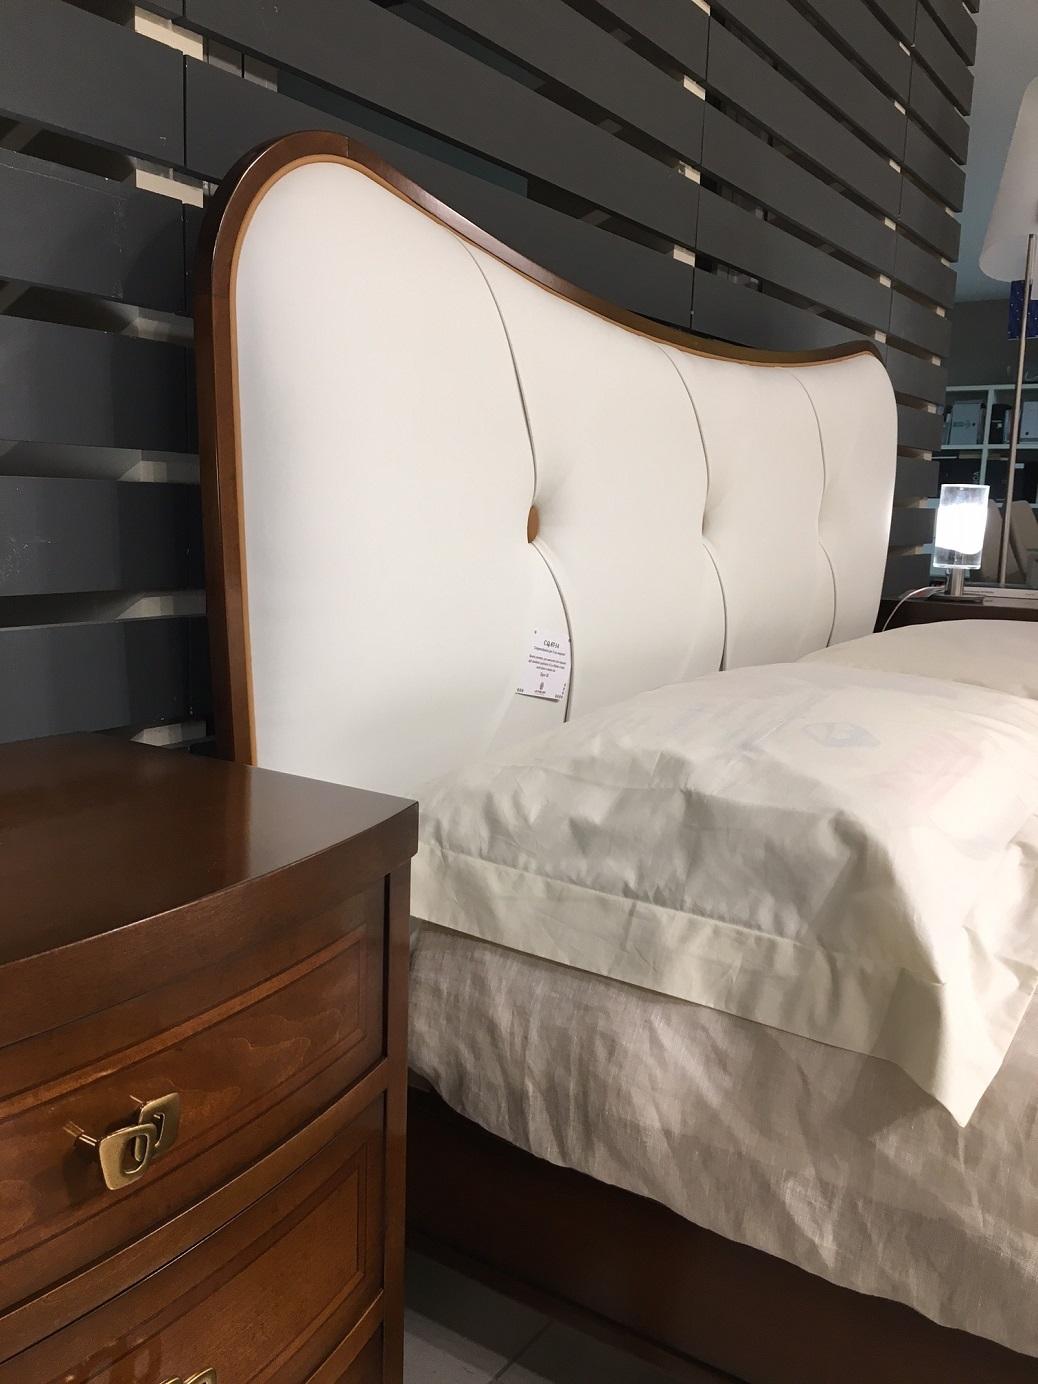 Camere da letto le fablier collezione le mimose camere a for Camere da letto le fablier